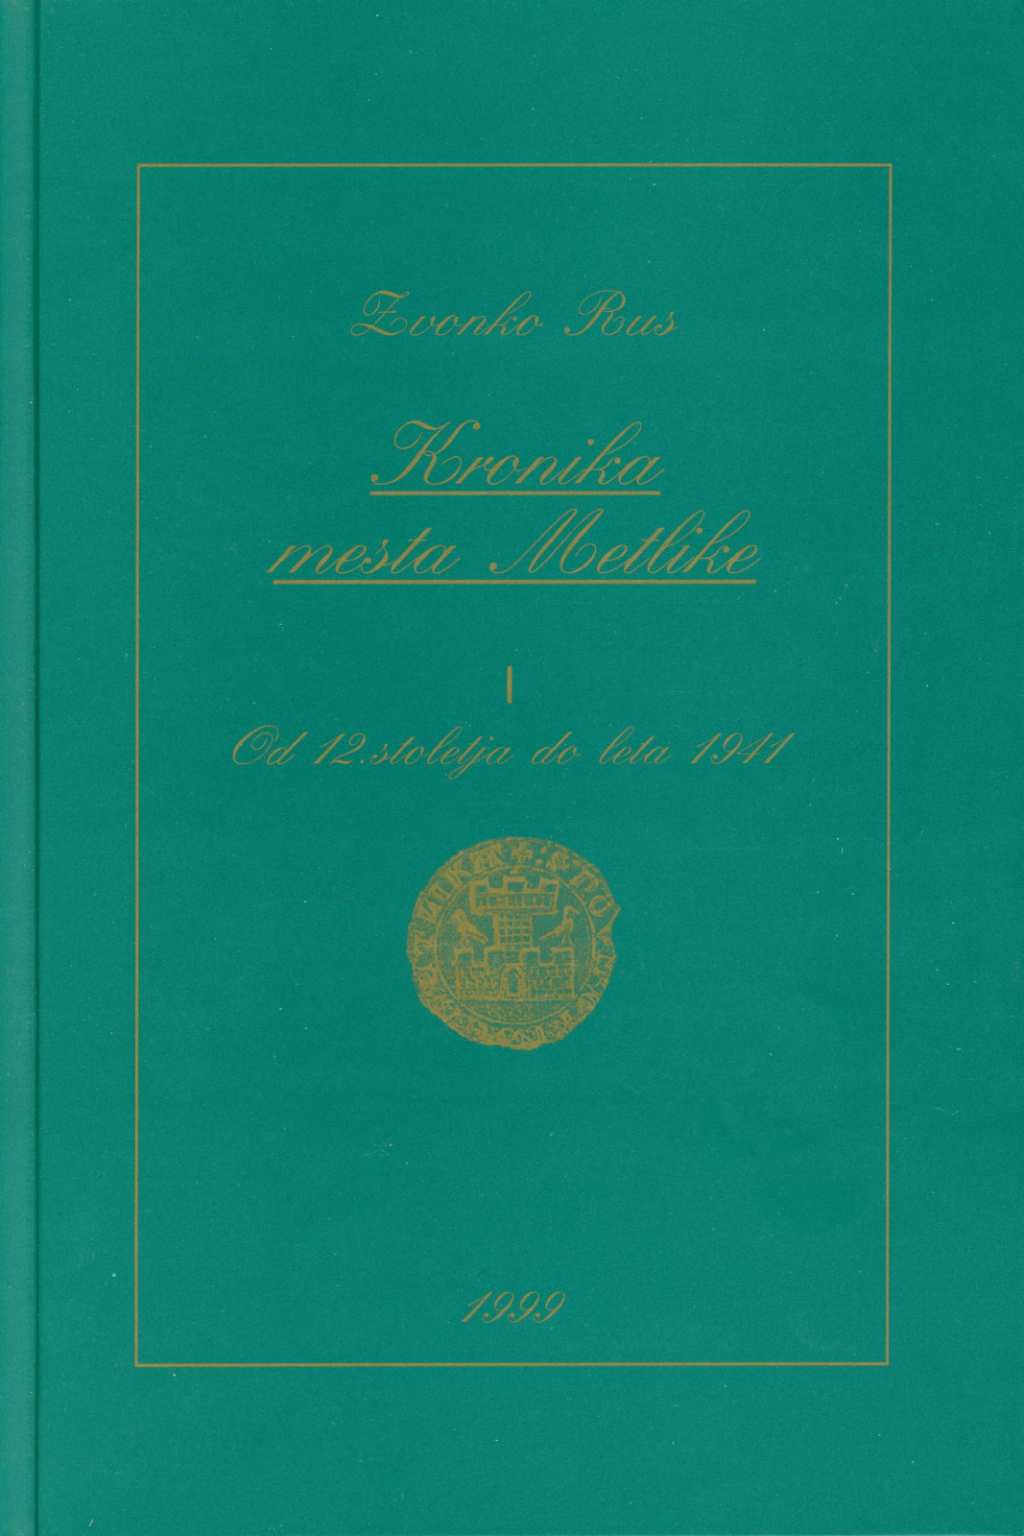 Zvonko Rus <br> Kronika mesta Metlike I, Od 12. stoletja do leta 1941, 1999<br>